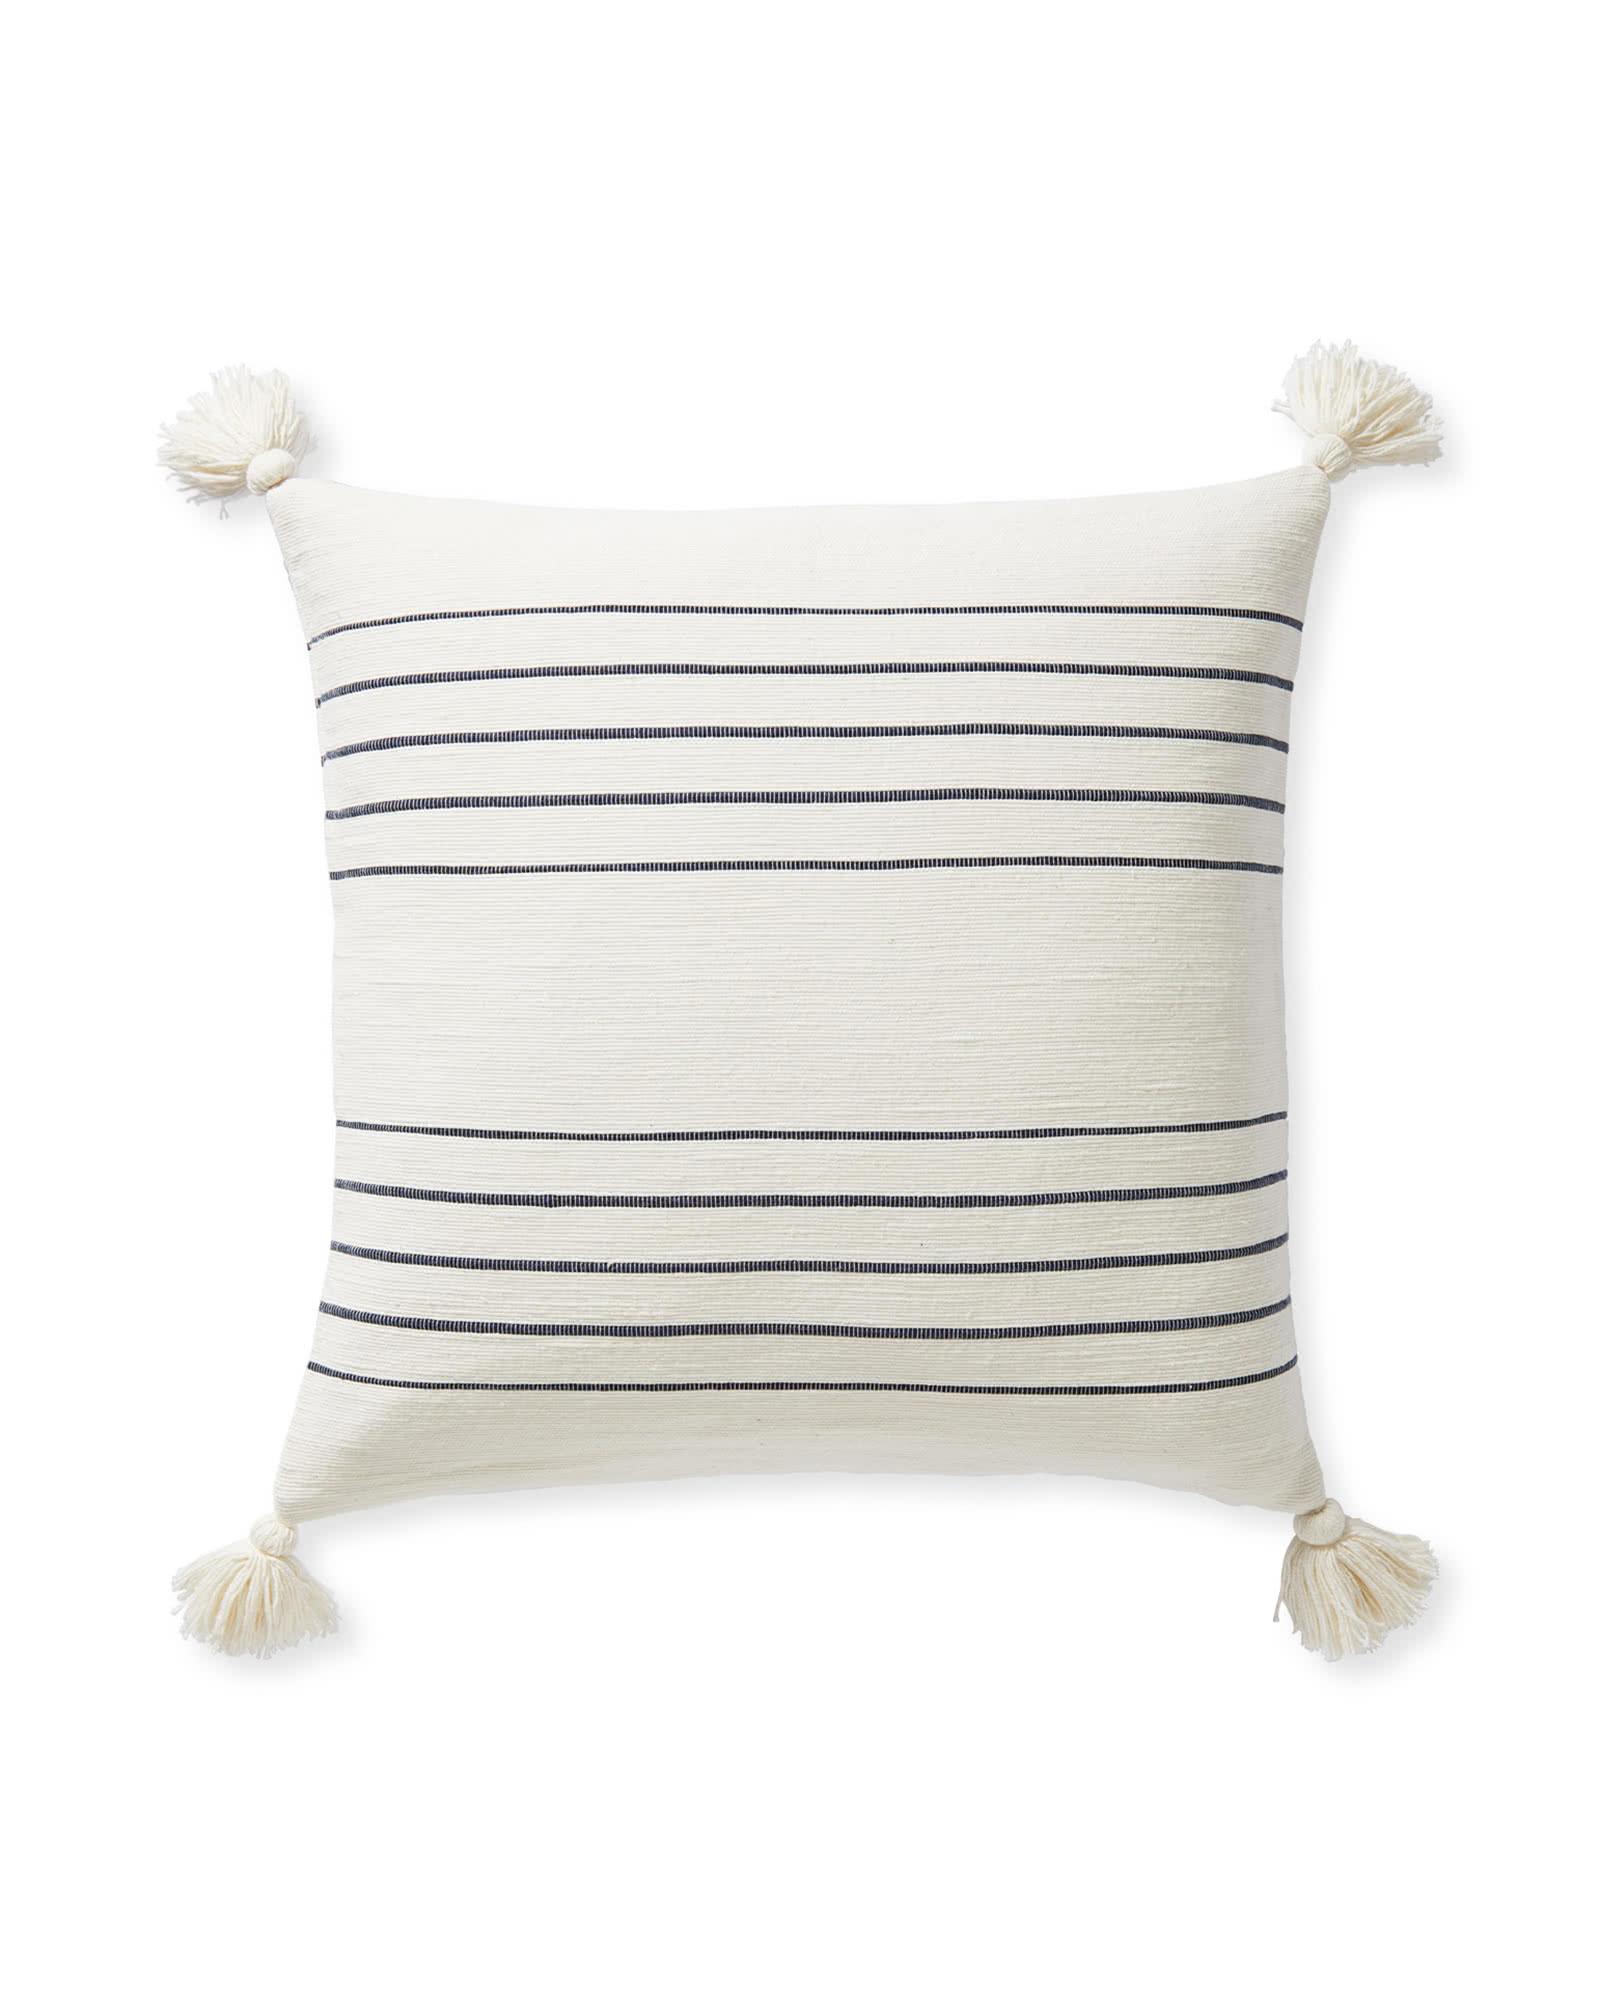 Del Mar Pillow Cover